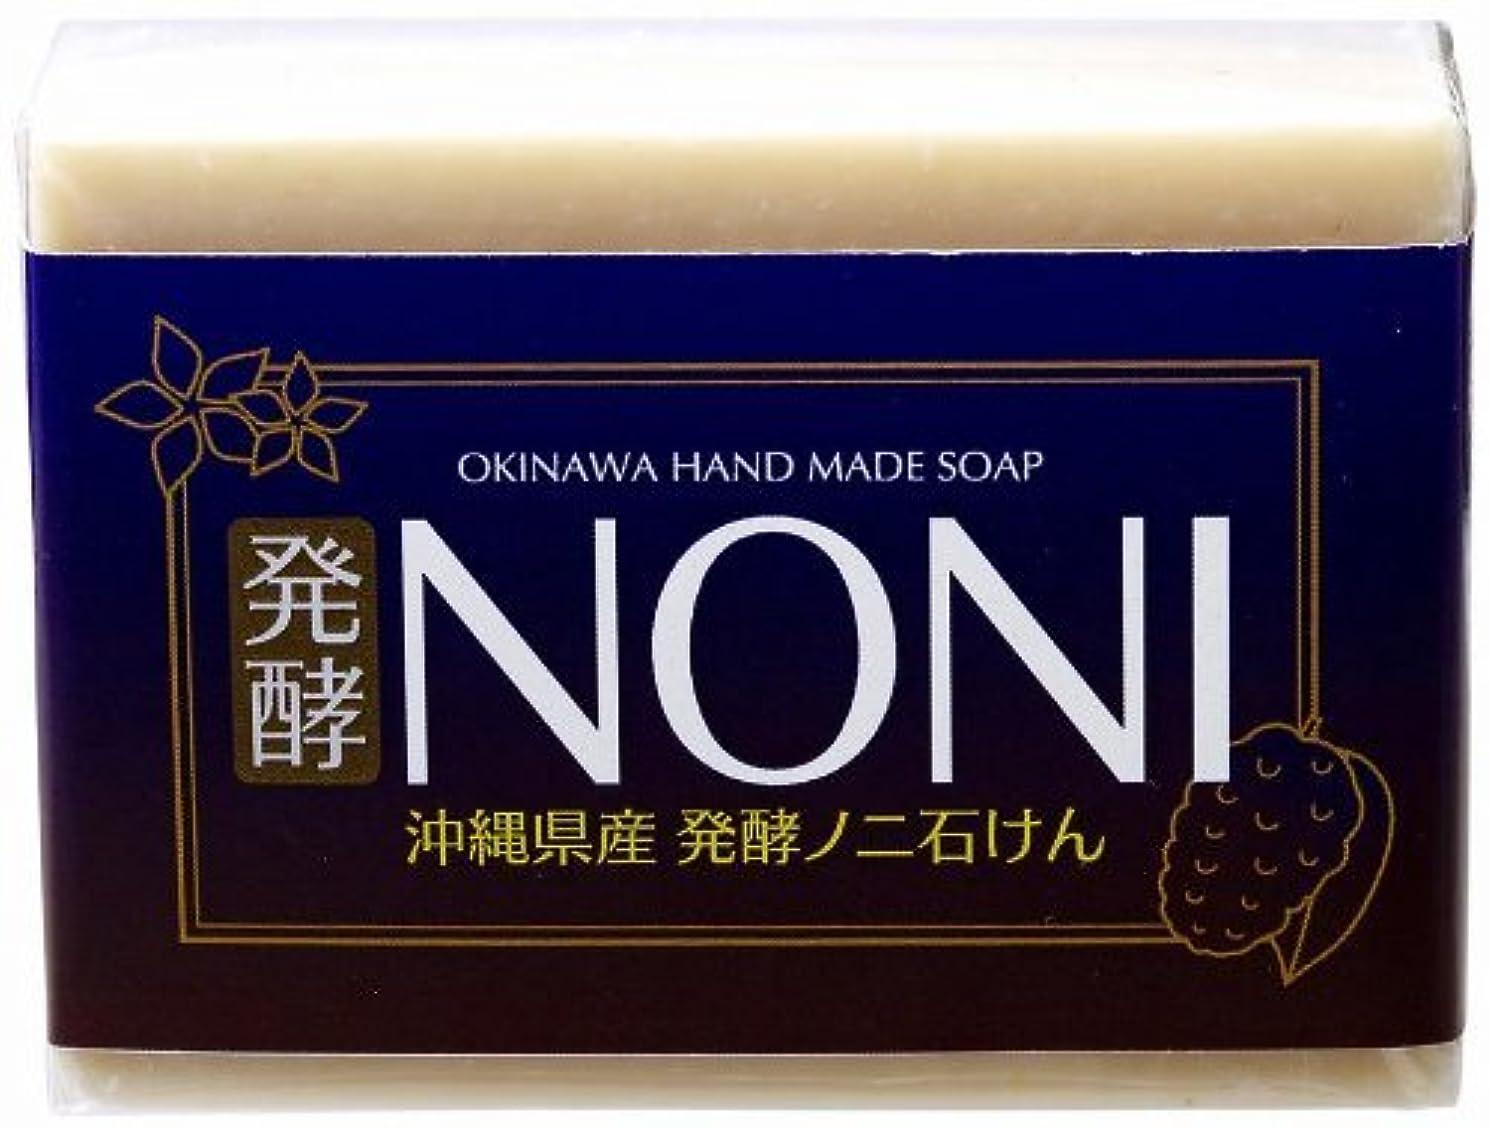 平等小川ベール沖縄 手作り ナチュラル洗顔 NONI石鹸 100g×15個 GreenEarth 発酵ノニを使用した保湿力の高いナチュラルソープ